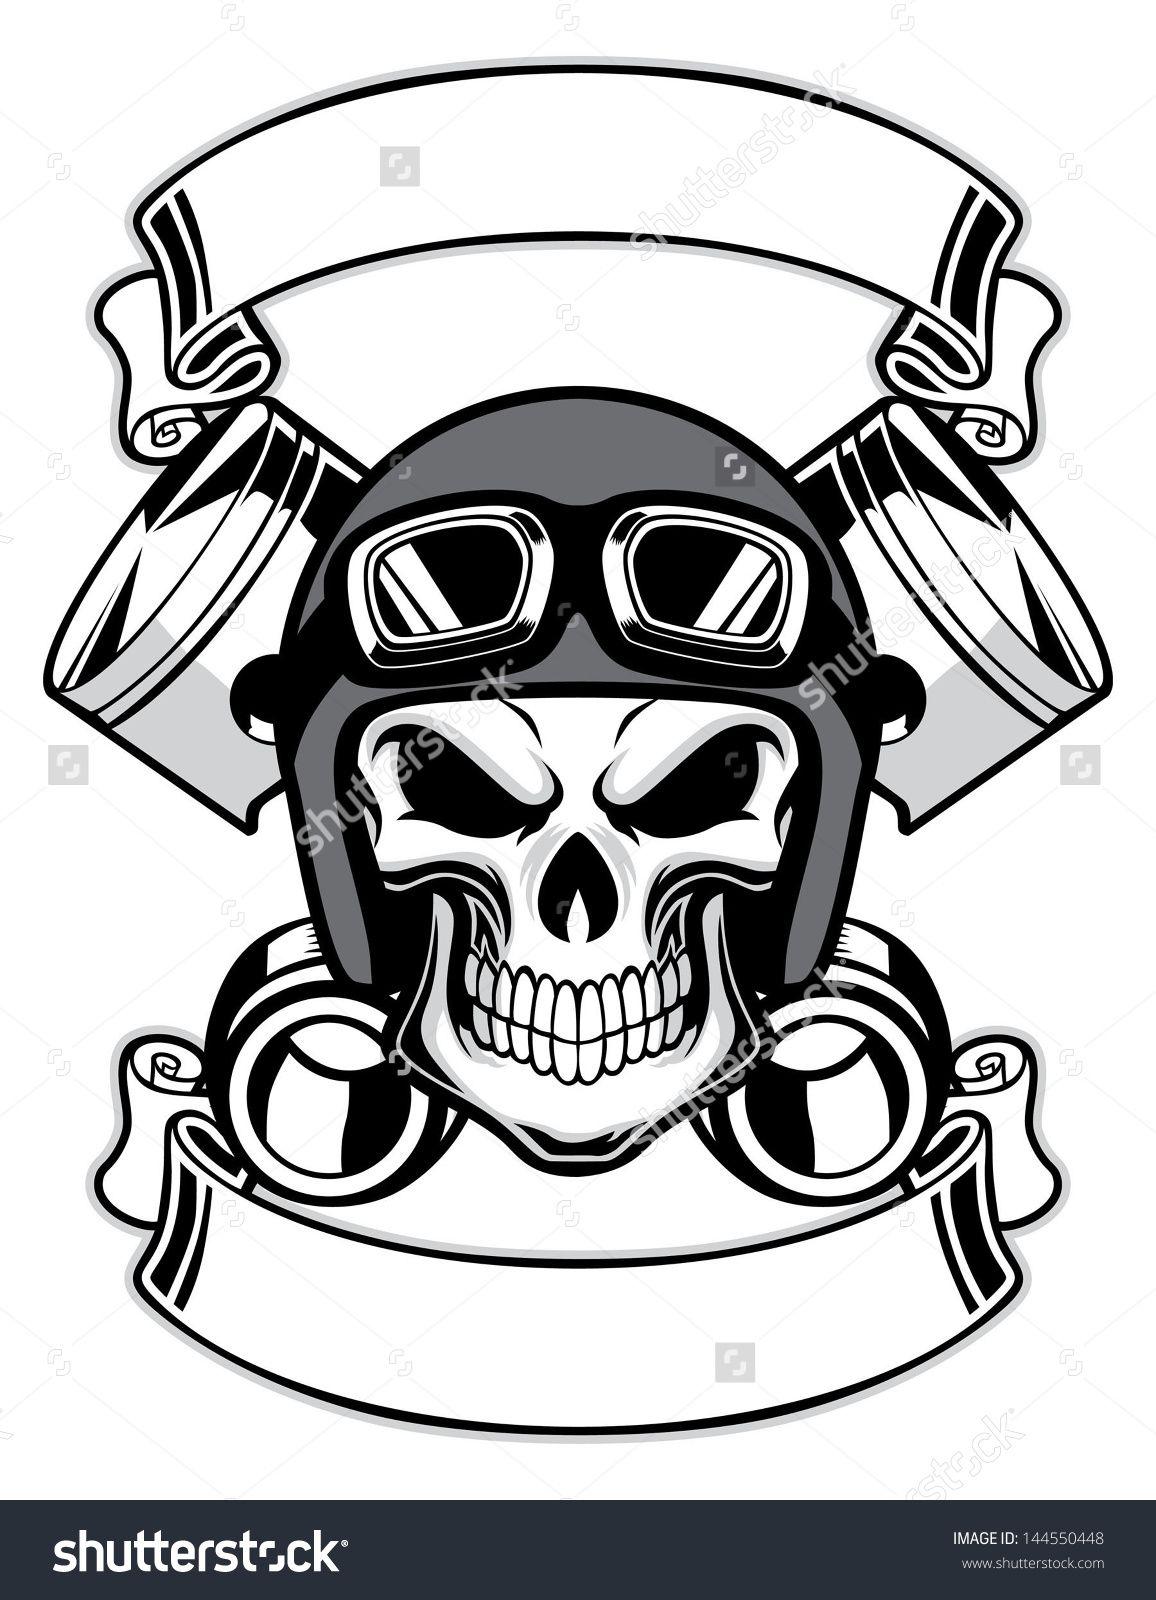 Resultado De Imagem Para Skull Wearing Retro Motorbike